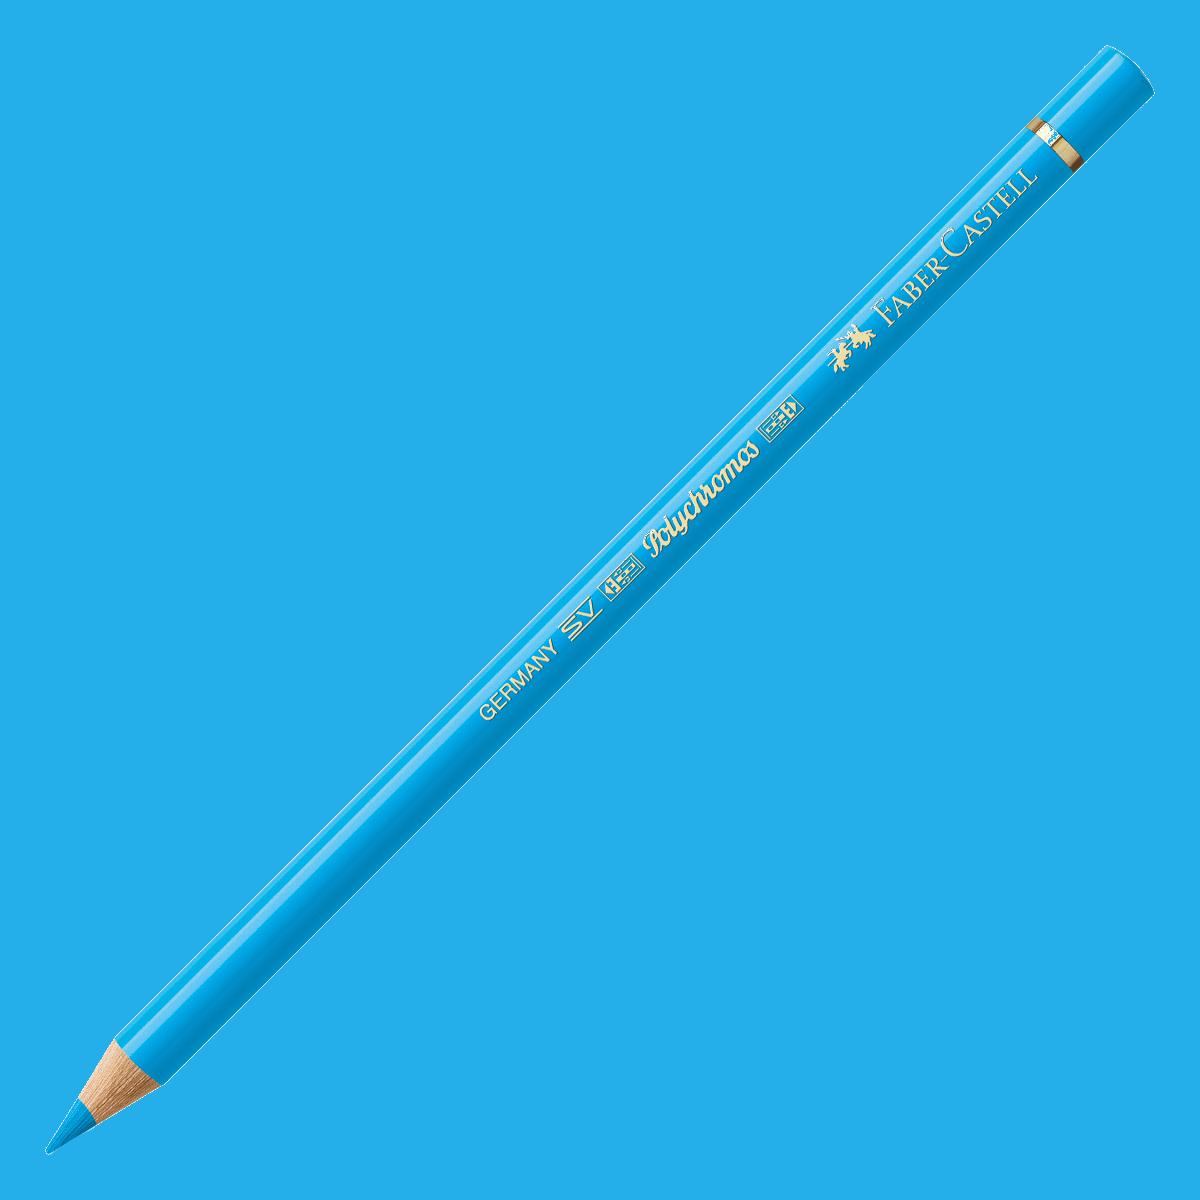 Kredka Polychromos 145 błękit ftalowy jasny, Faber-Castell